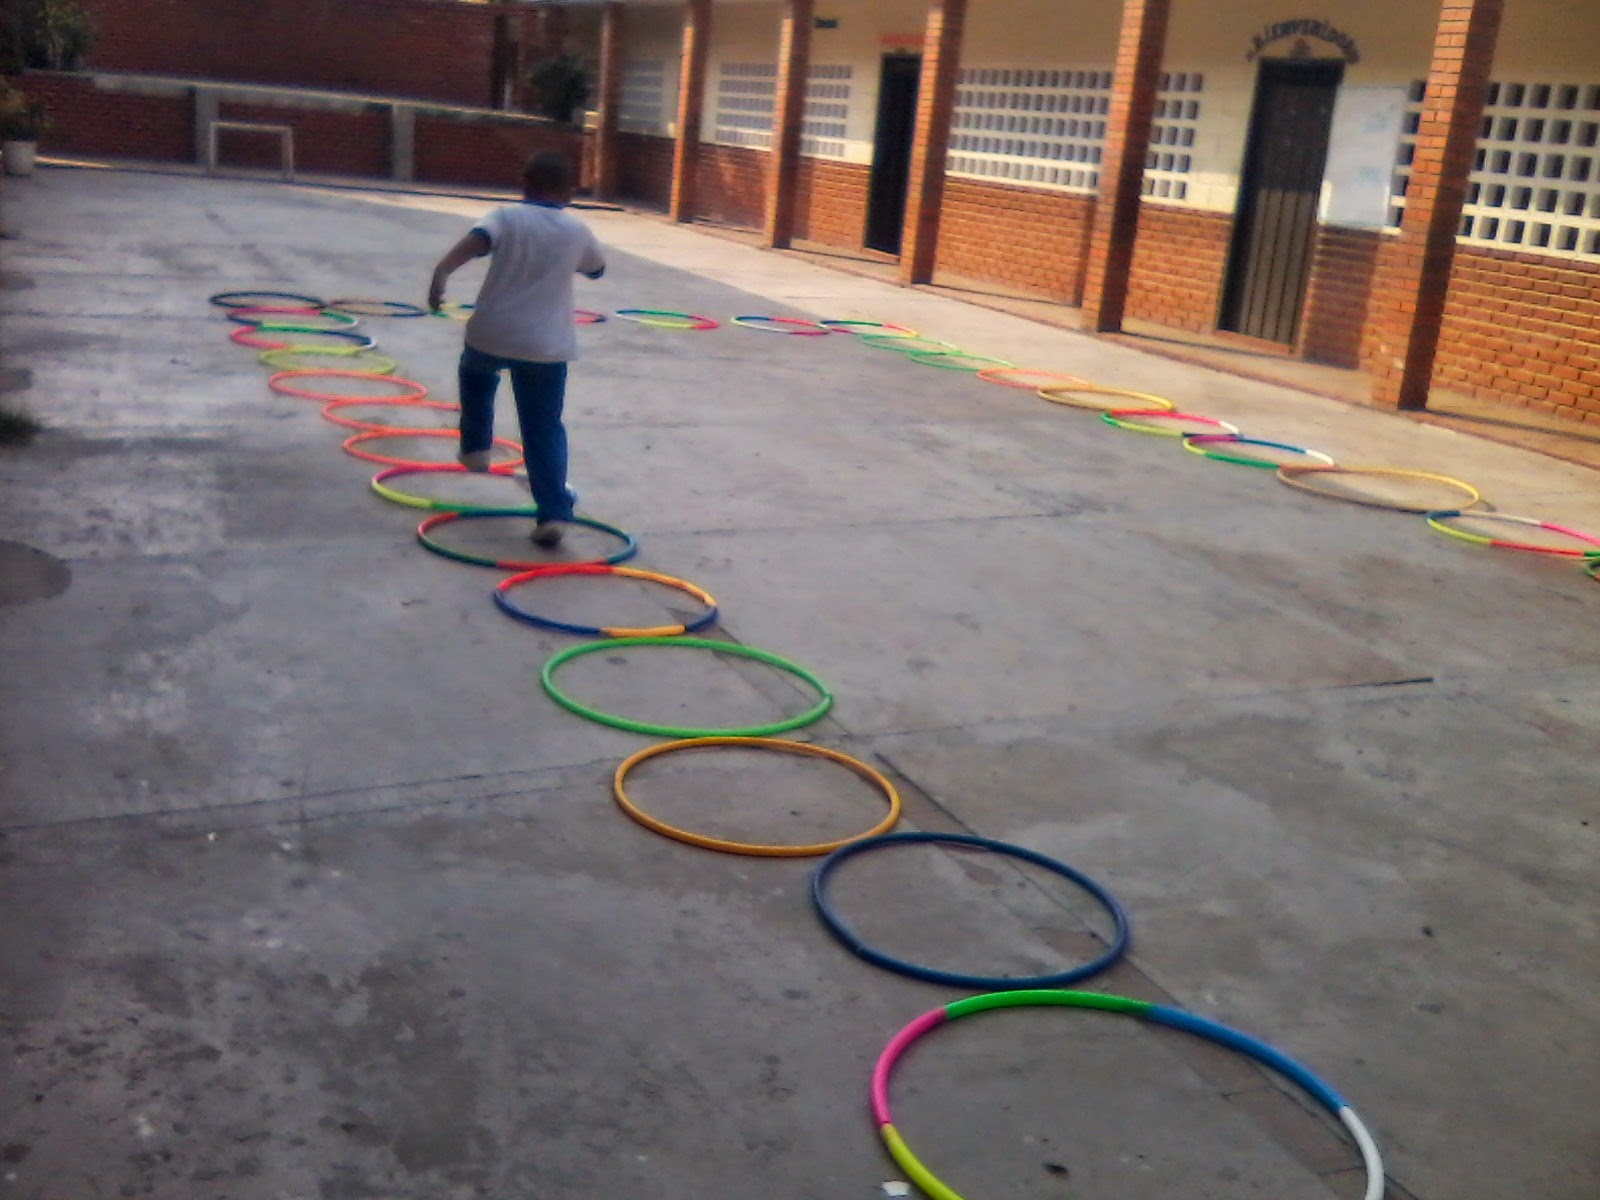 Ejercicios y Juegos Recreativos, Con Hula Hula y Cuerdas